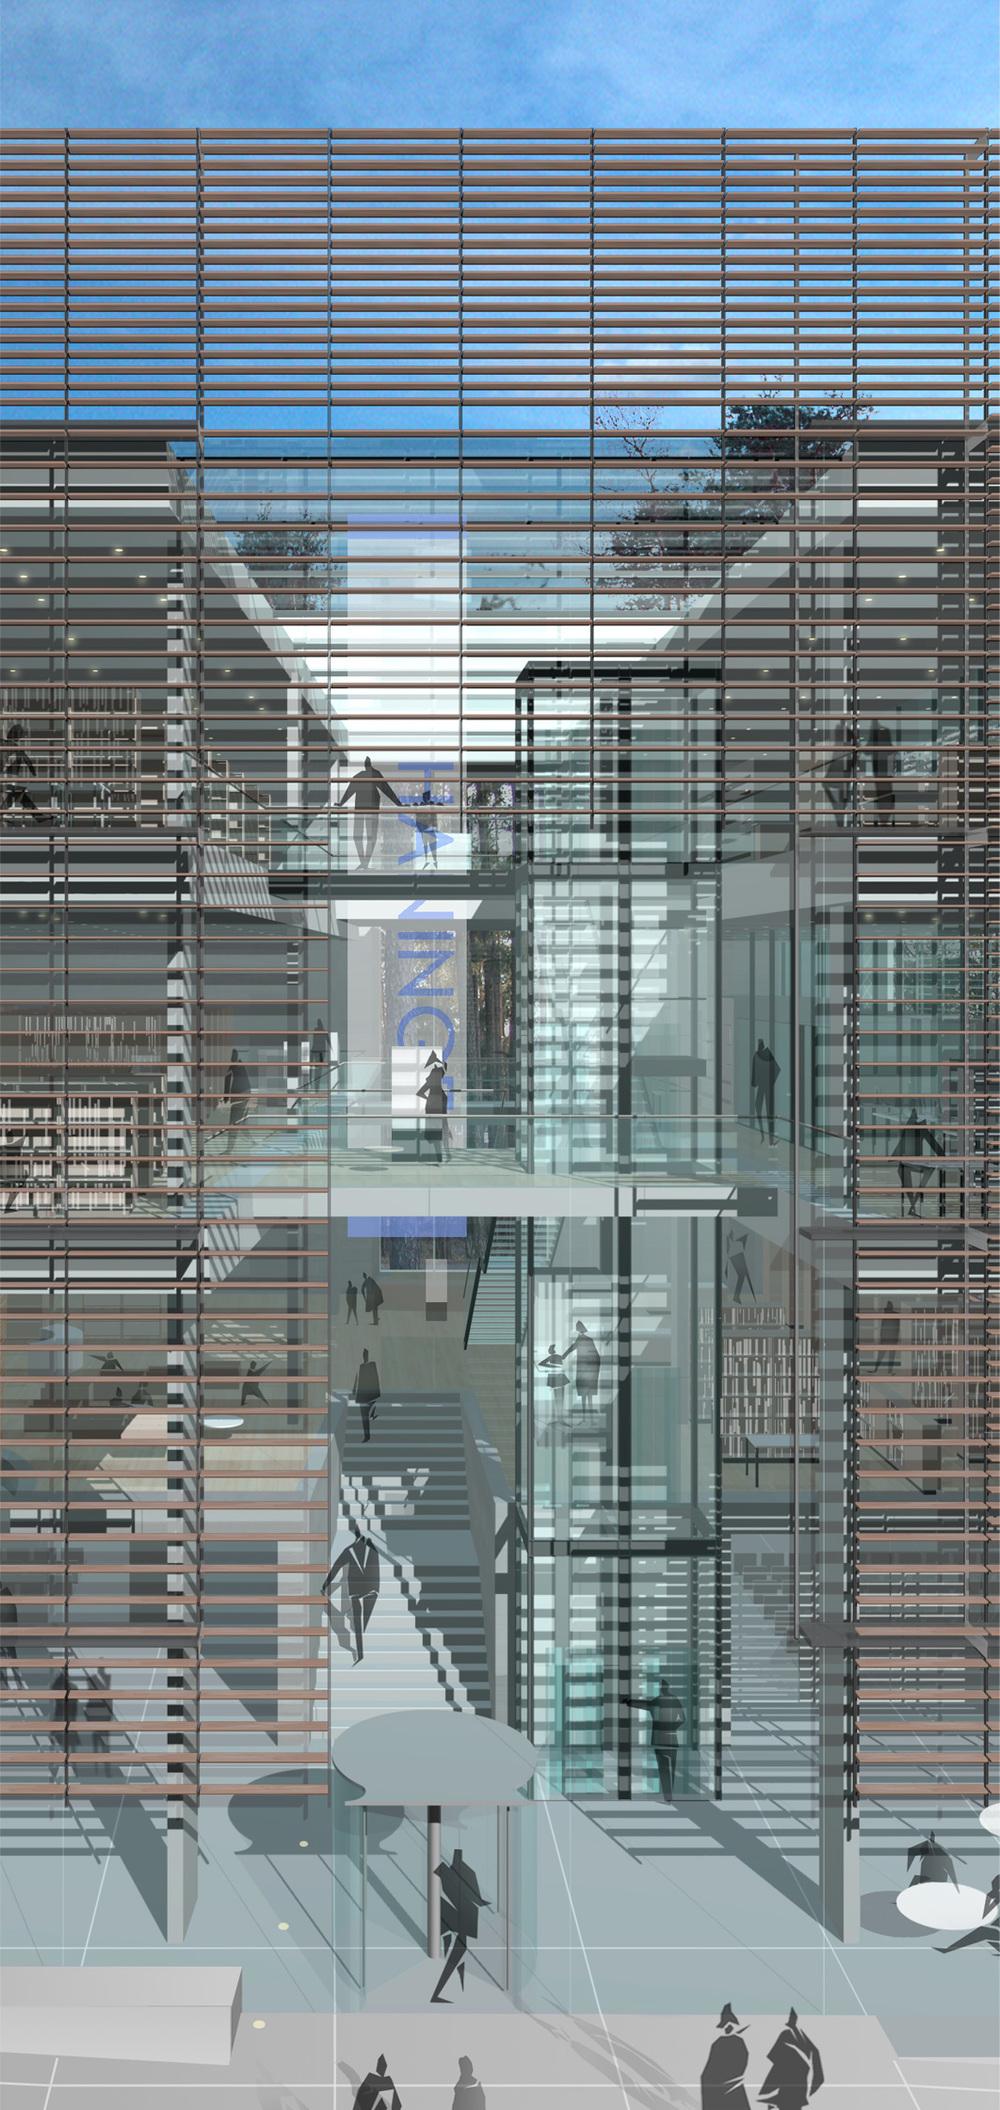 Indgang2.jpg